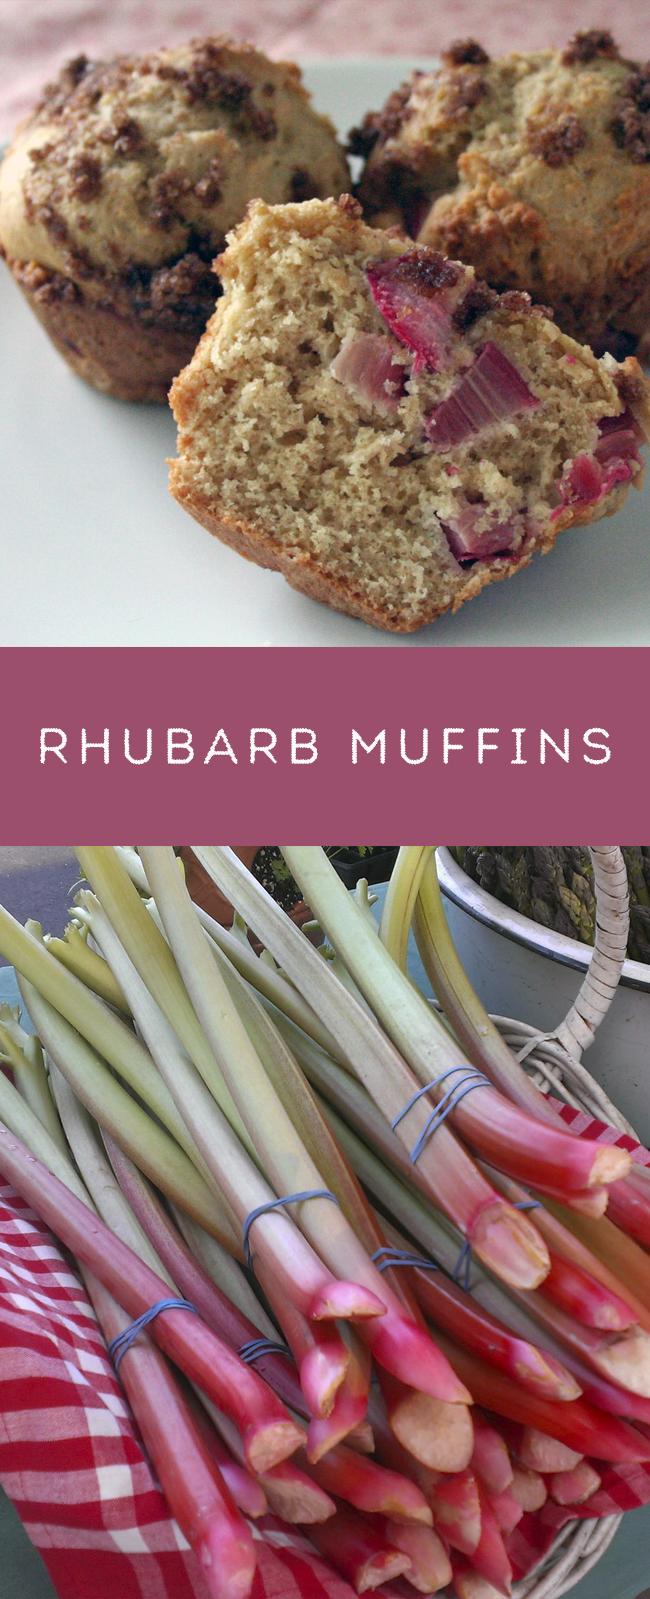 pinrhubarbmuffins